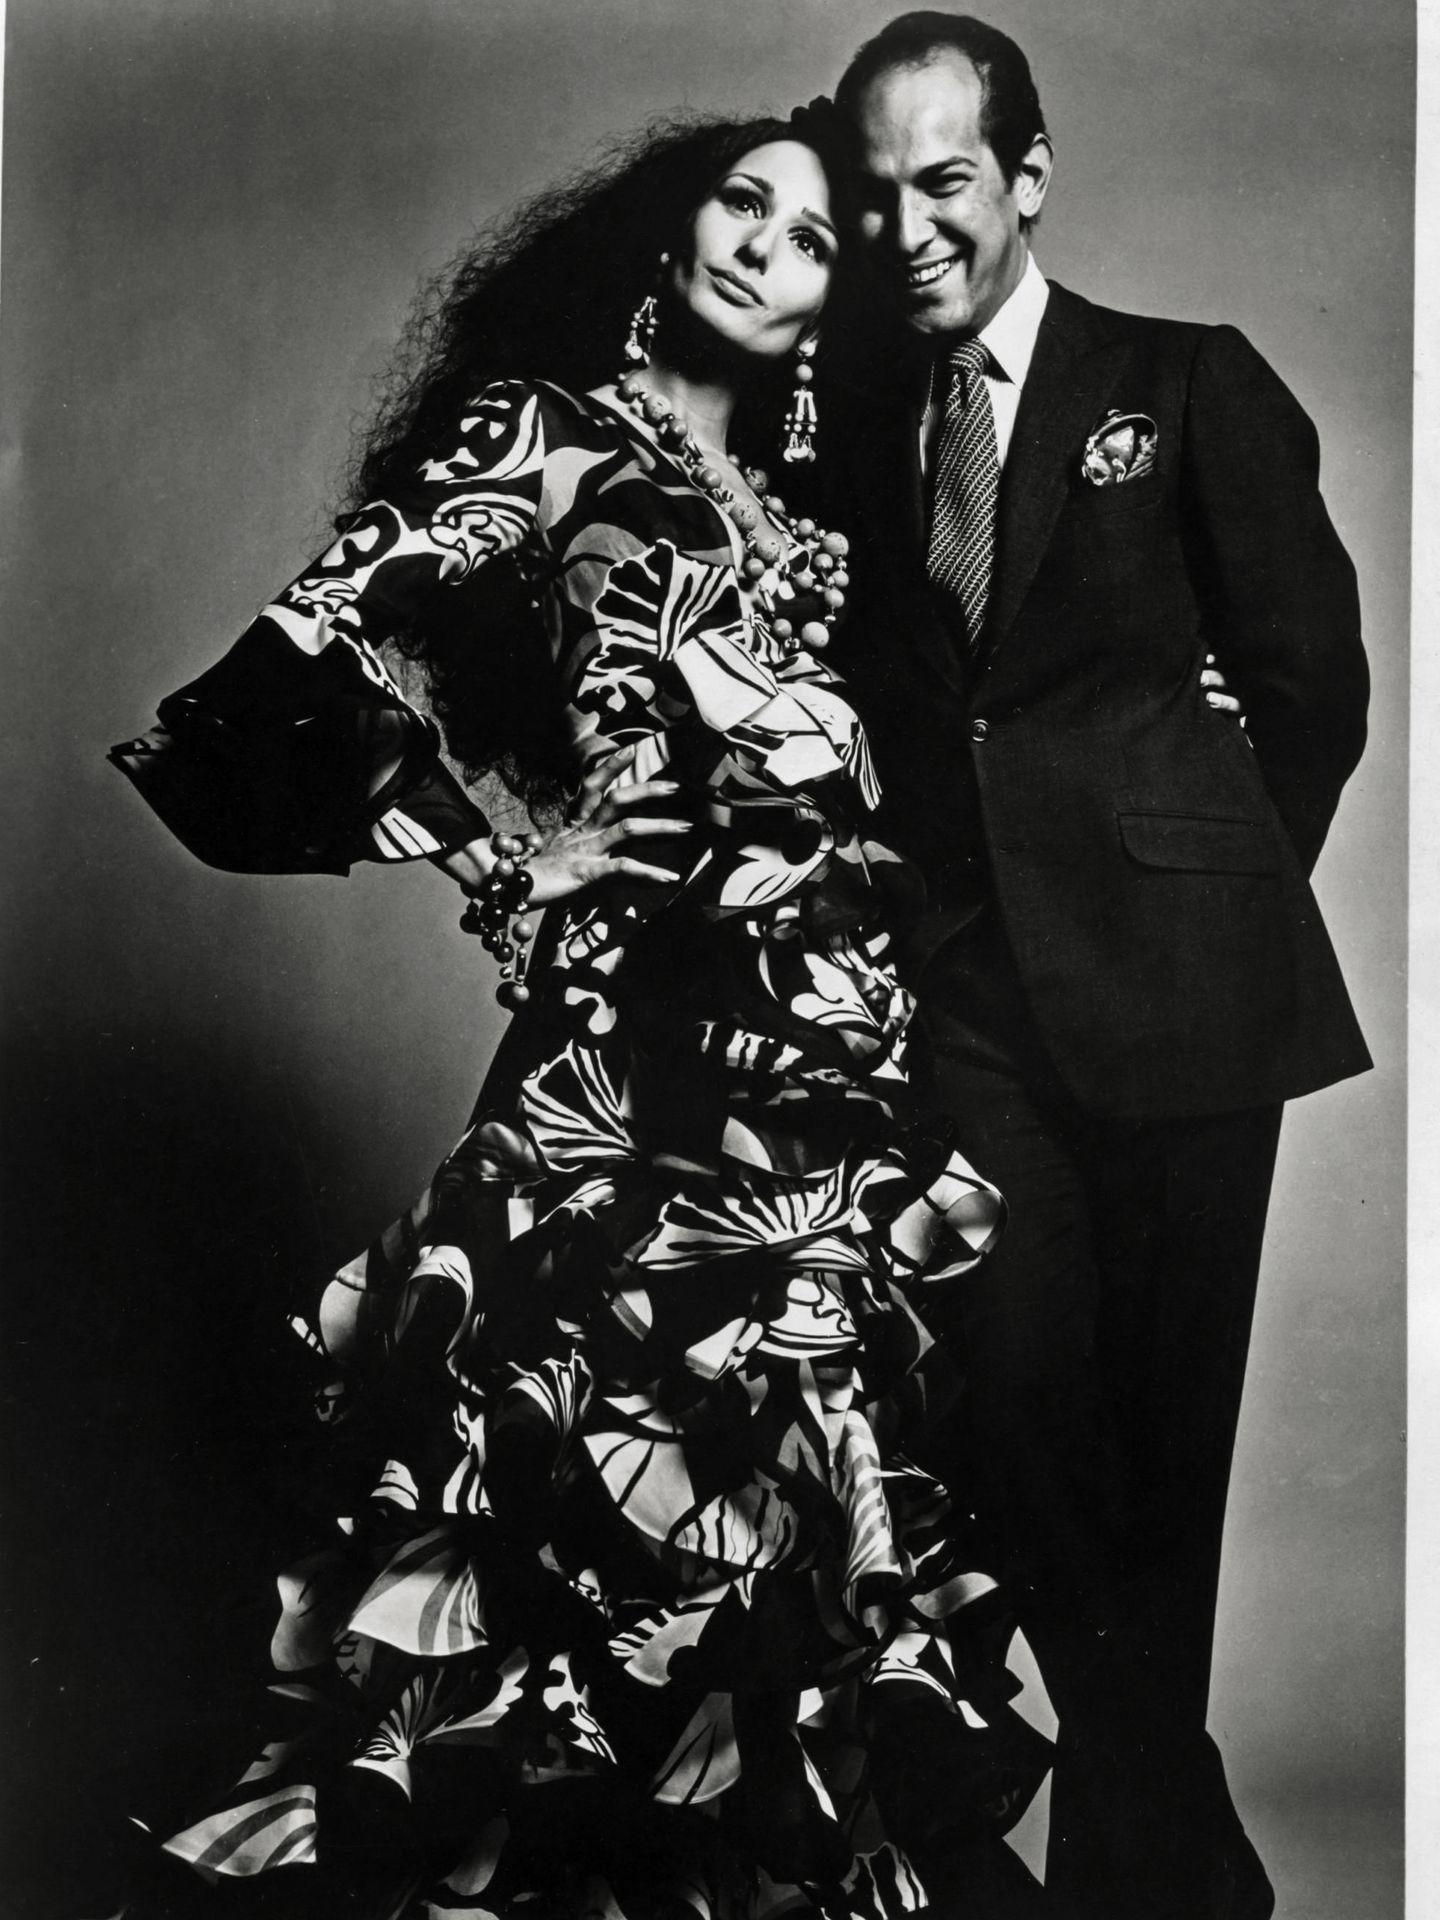 Naty y Oscar de la Renta, retratados por Alexius Ruspoli Rodríguez, Nueva York, 1968. (Archivos de Naty, por cortesía de ©Alexius Ruspoli Rodríguez)